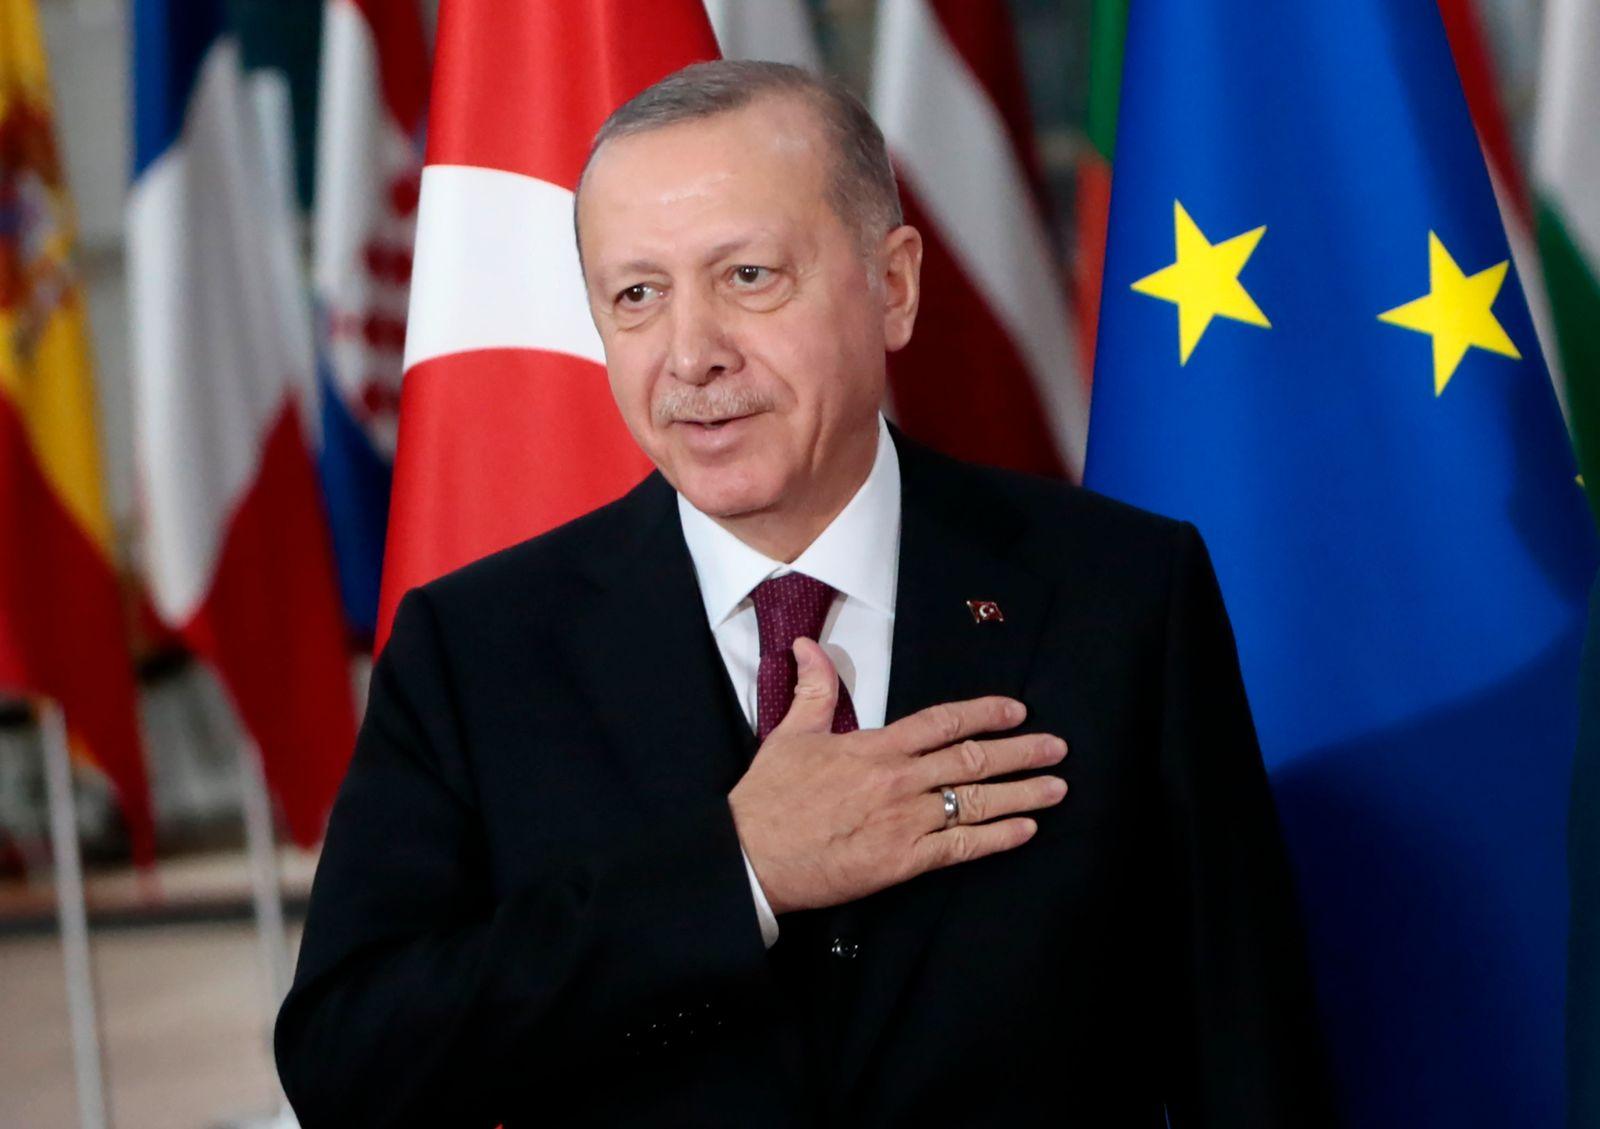 Belgium EU Turkey